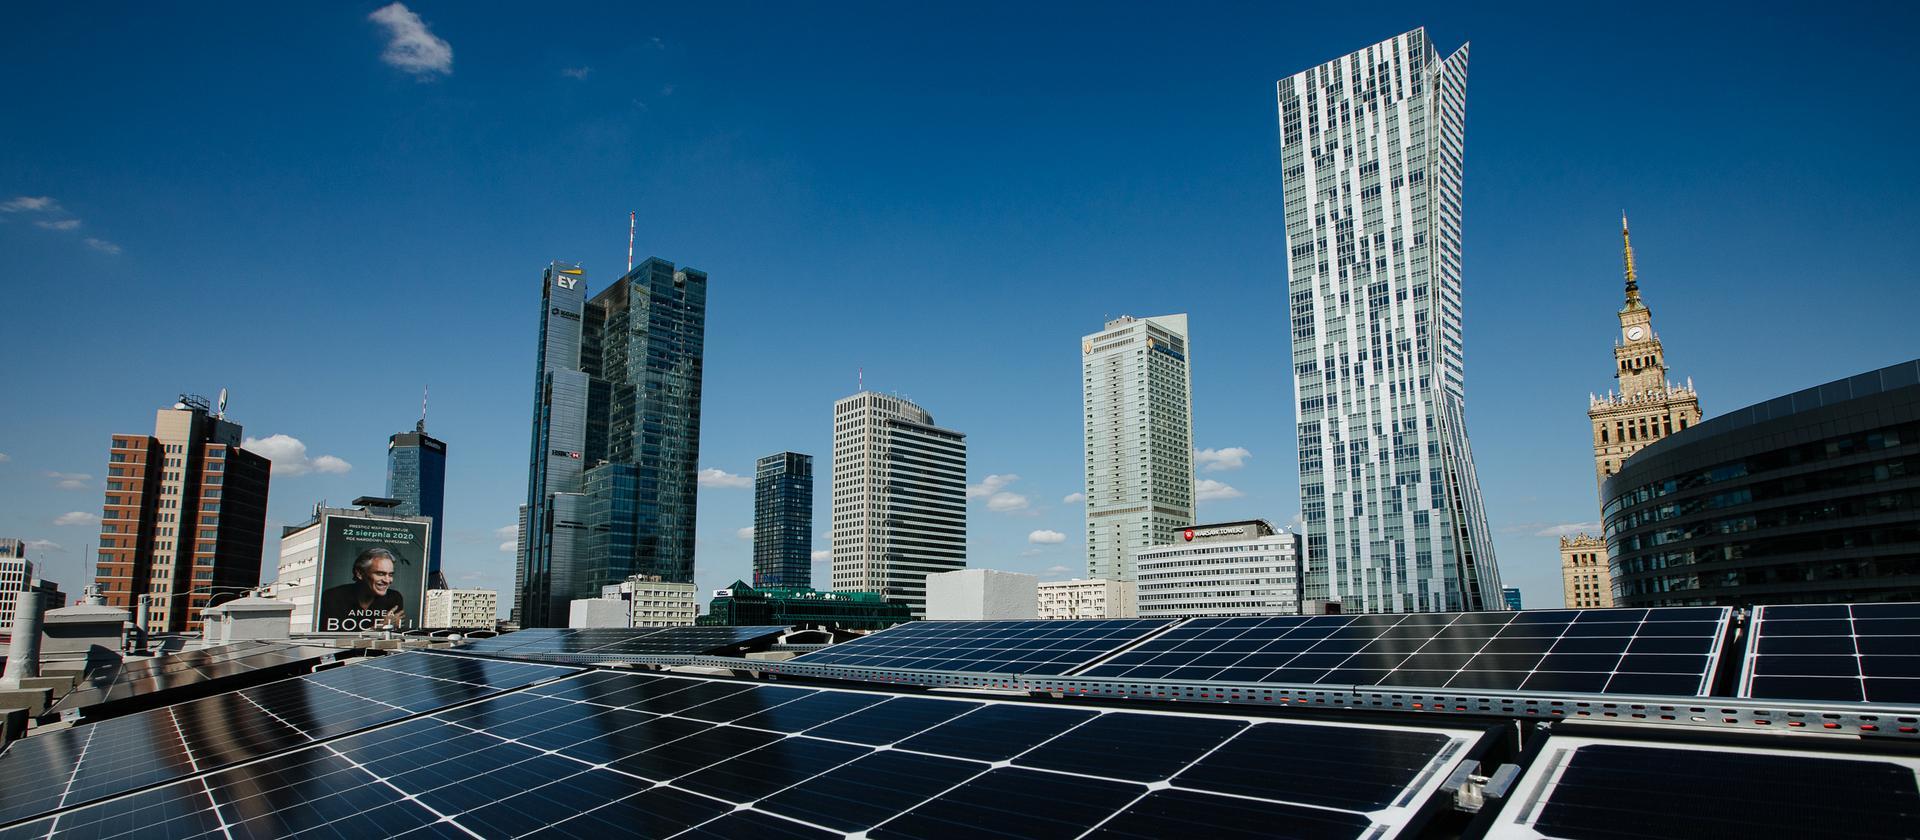 Zielone elektrownie na dachach budynków w miastach. To rzeczywistość, nie przyszłość